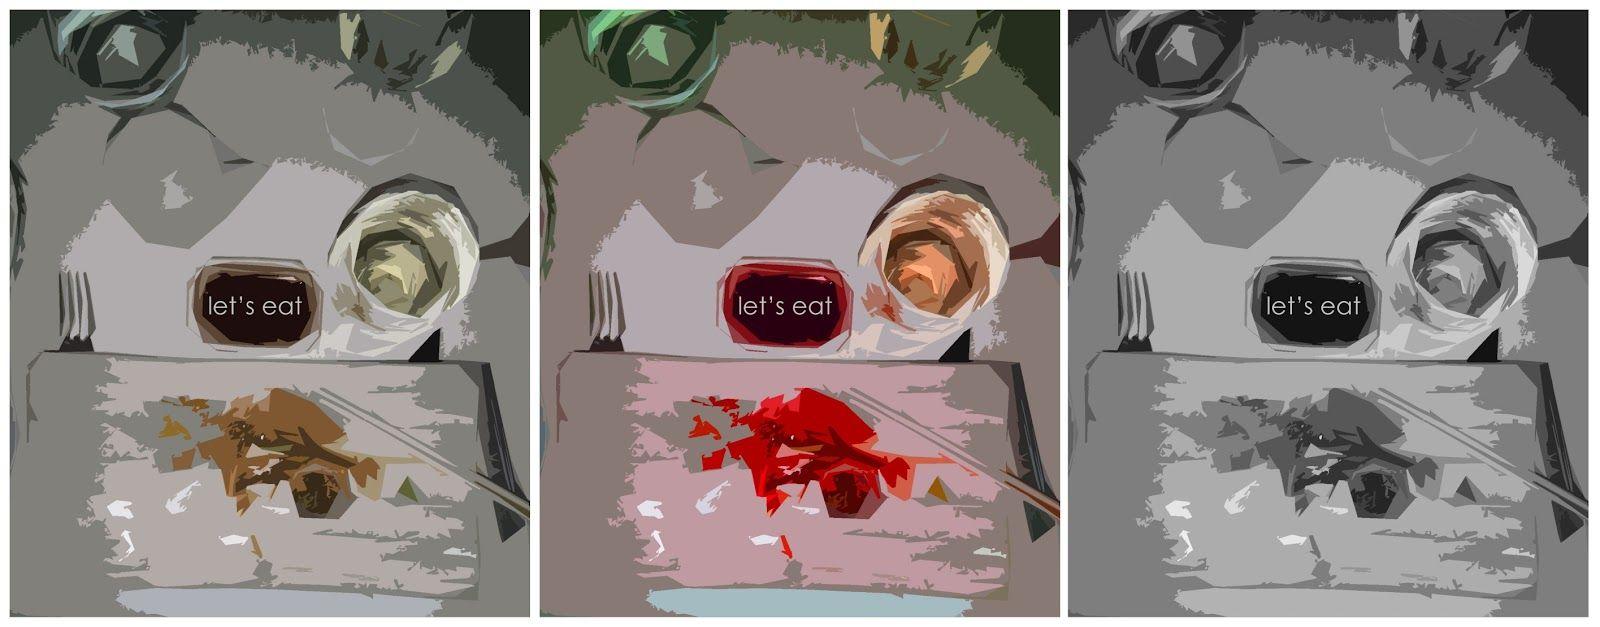 let's+eat+combine.jpg 1.600×627 piksel